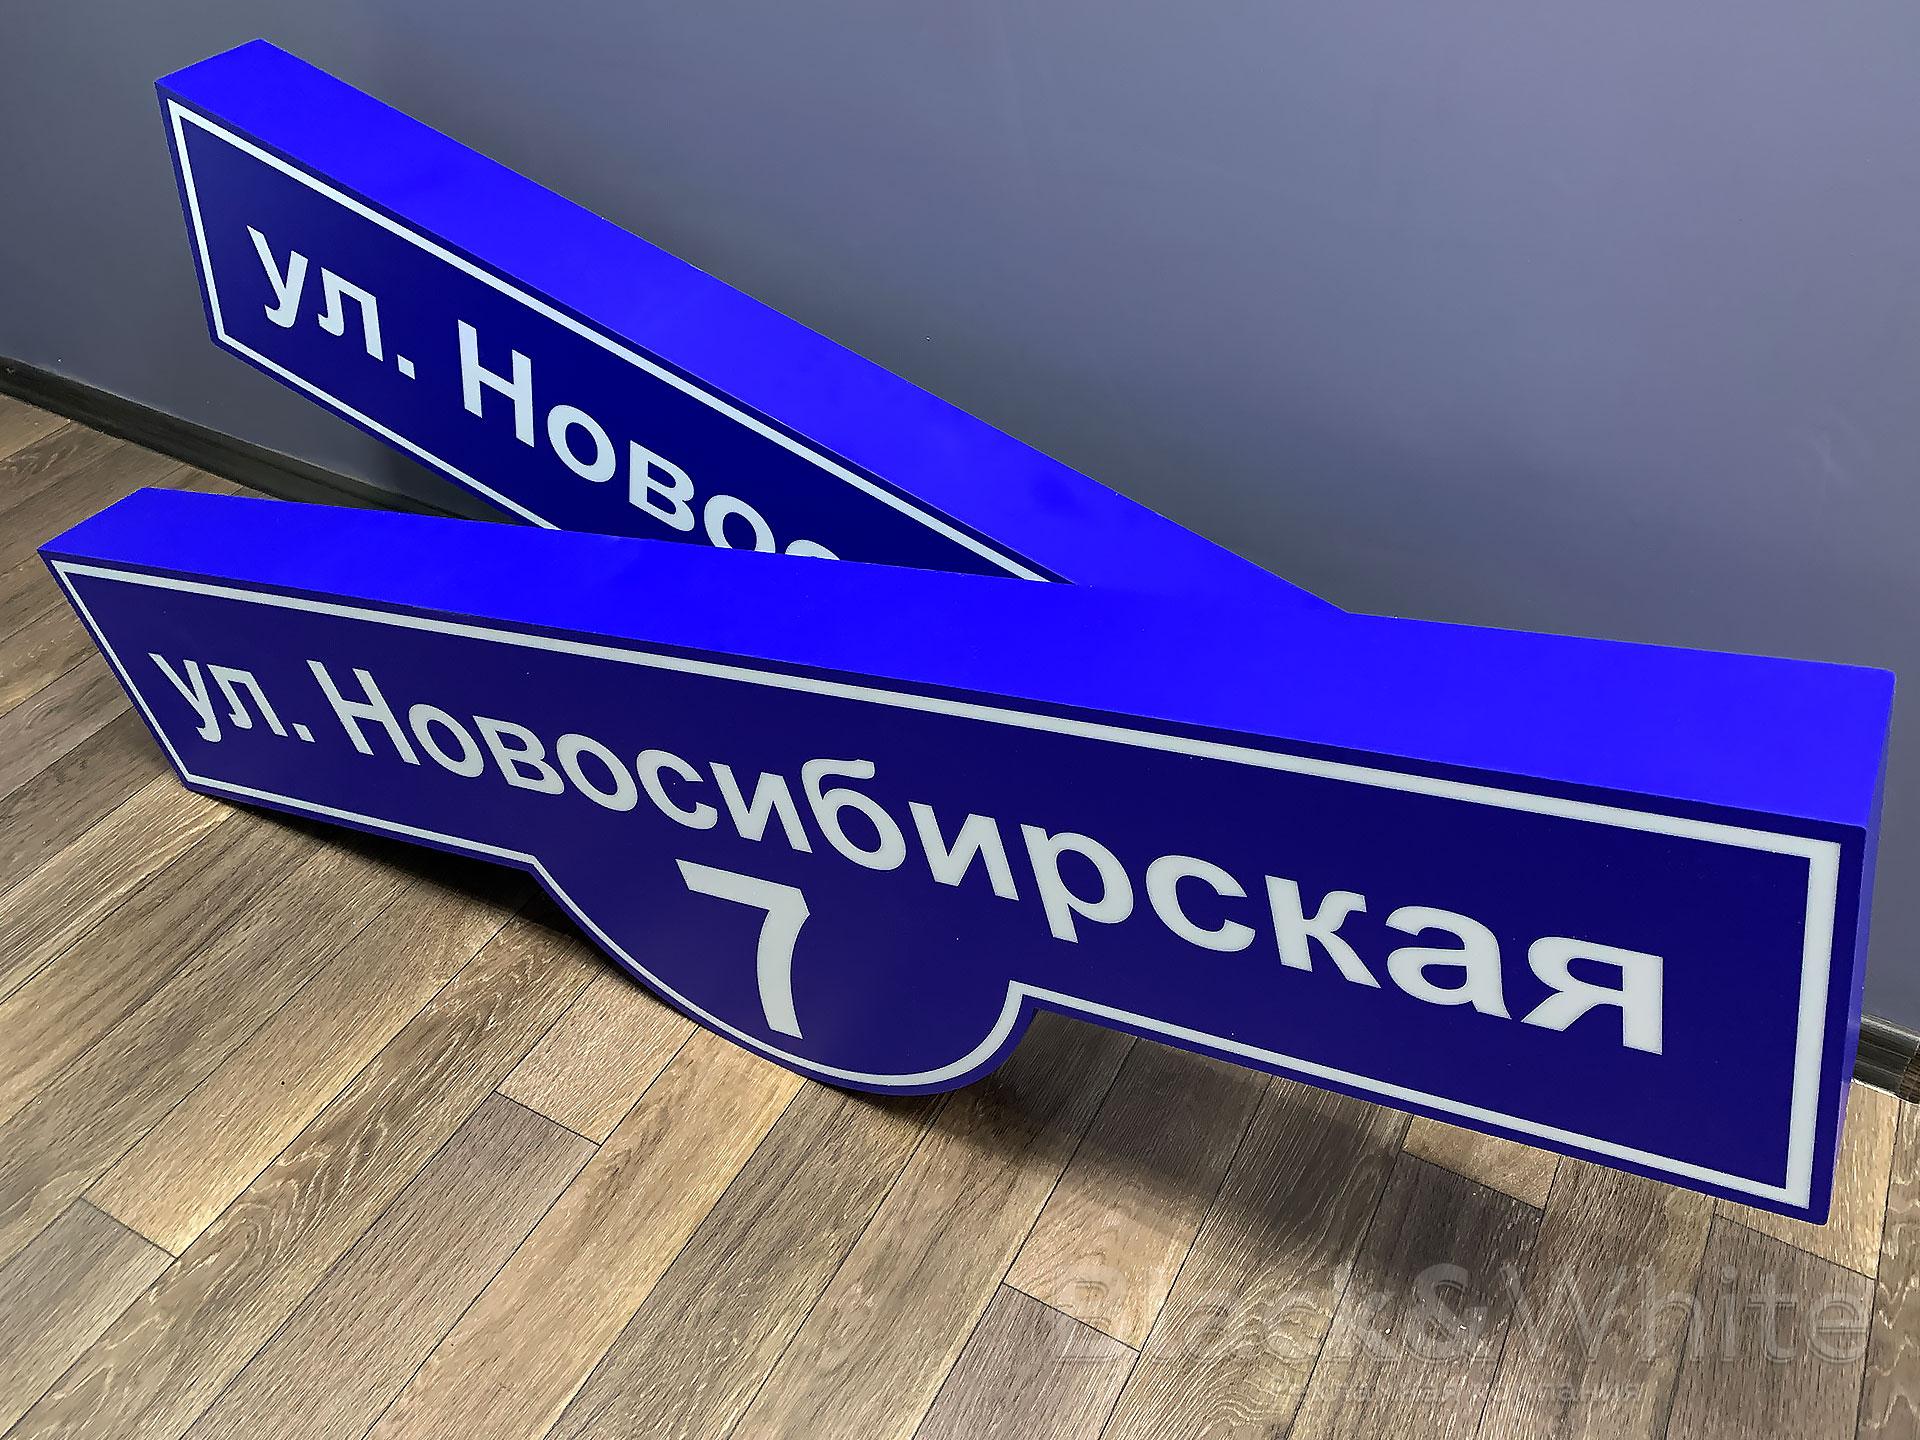 Адресные-световые-таблички-(домовые-знаки)-красноярск-Black&White.jpg